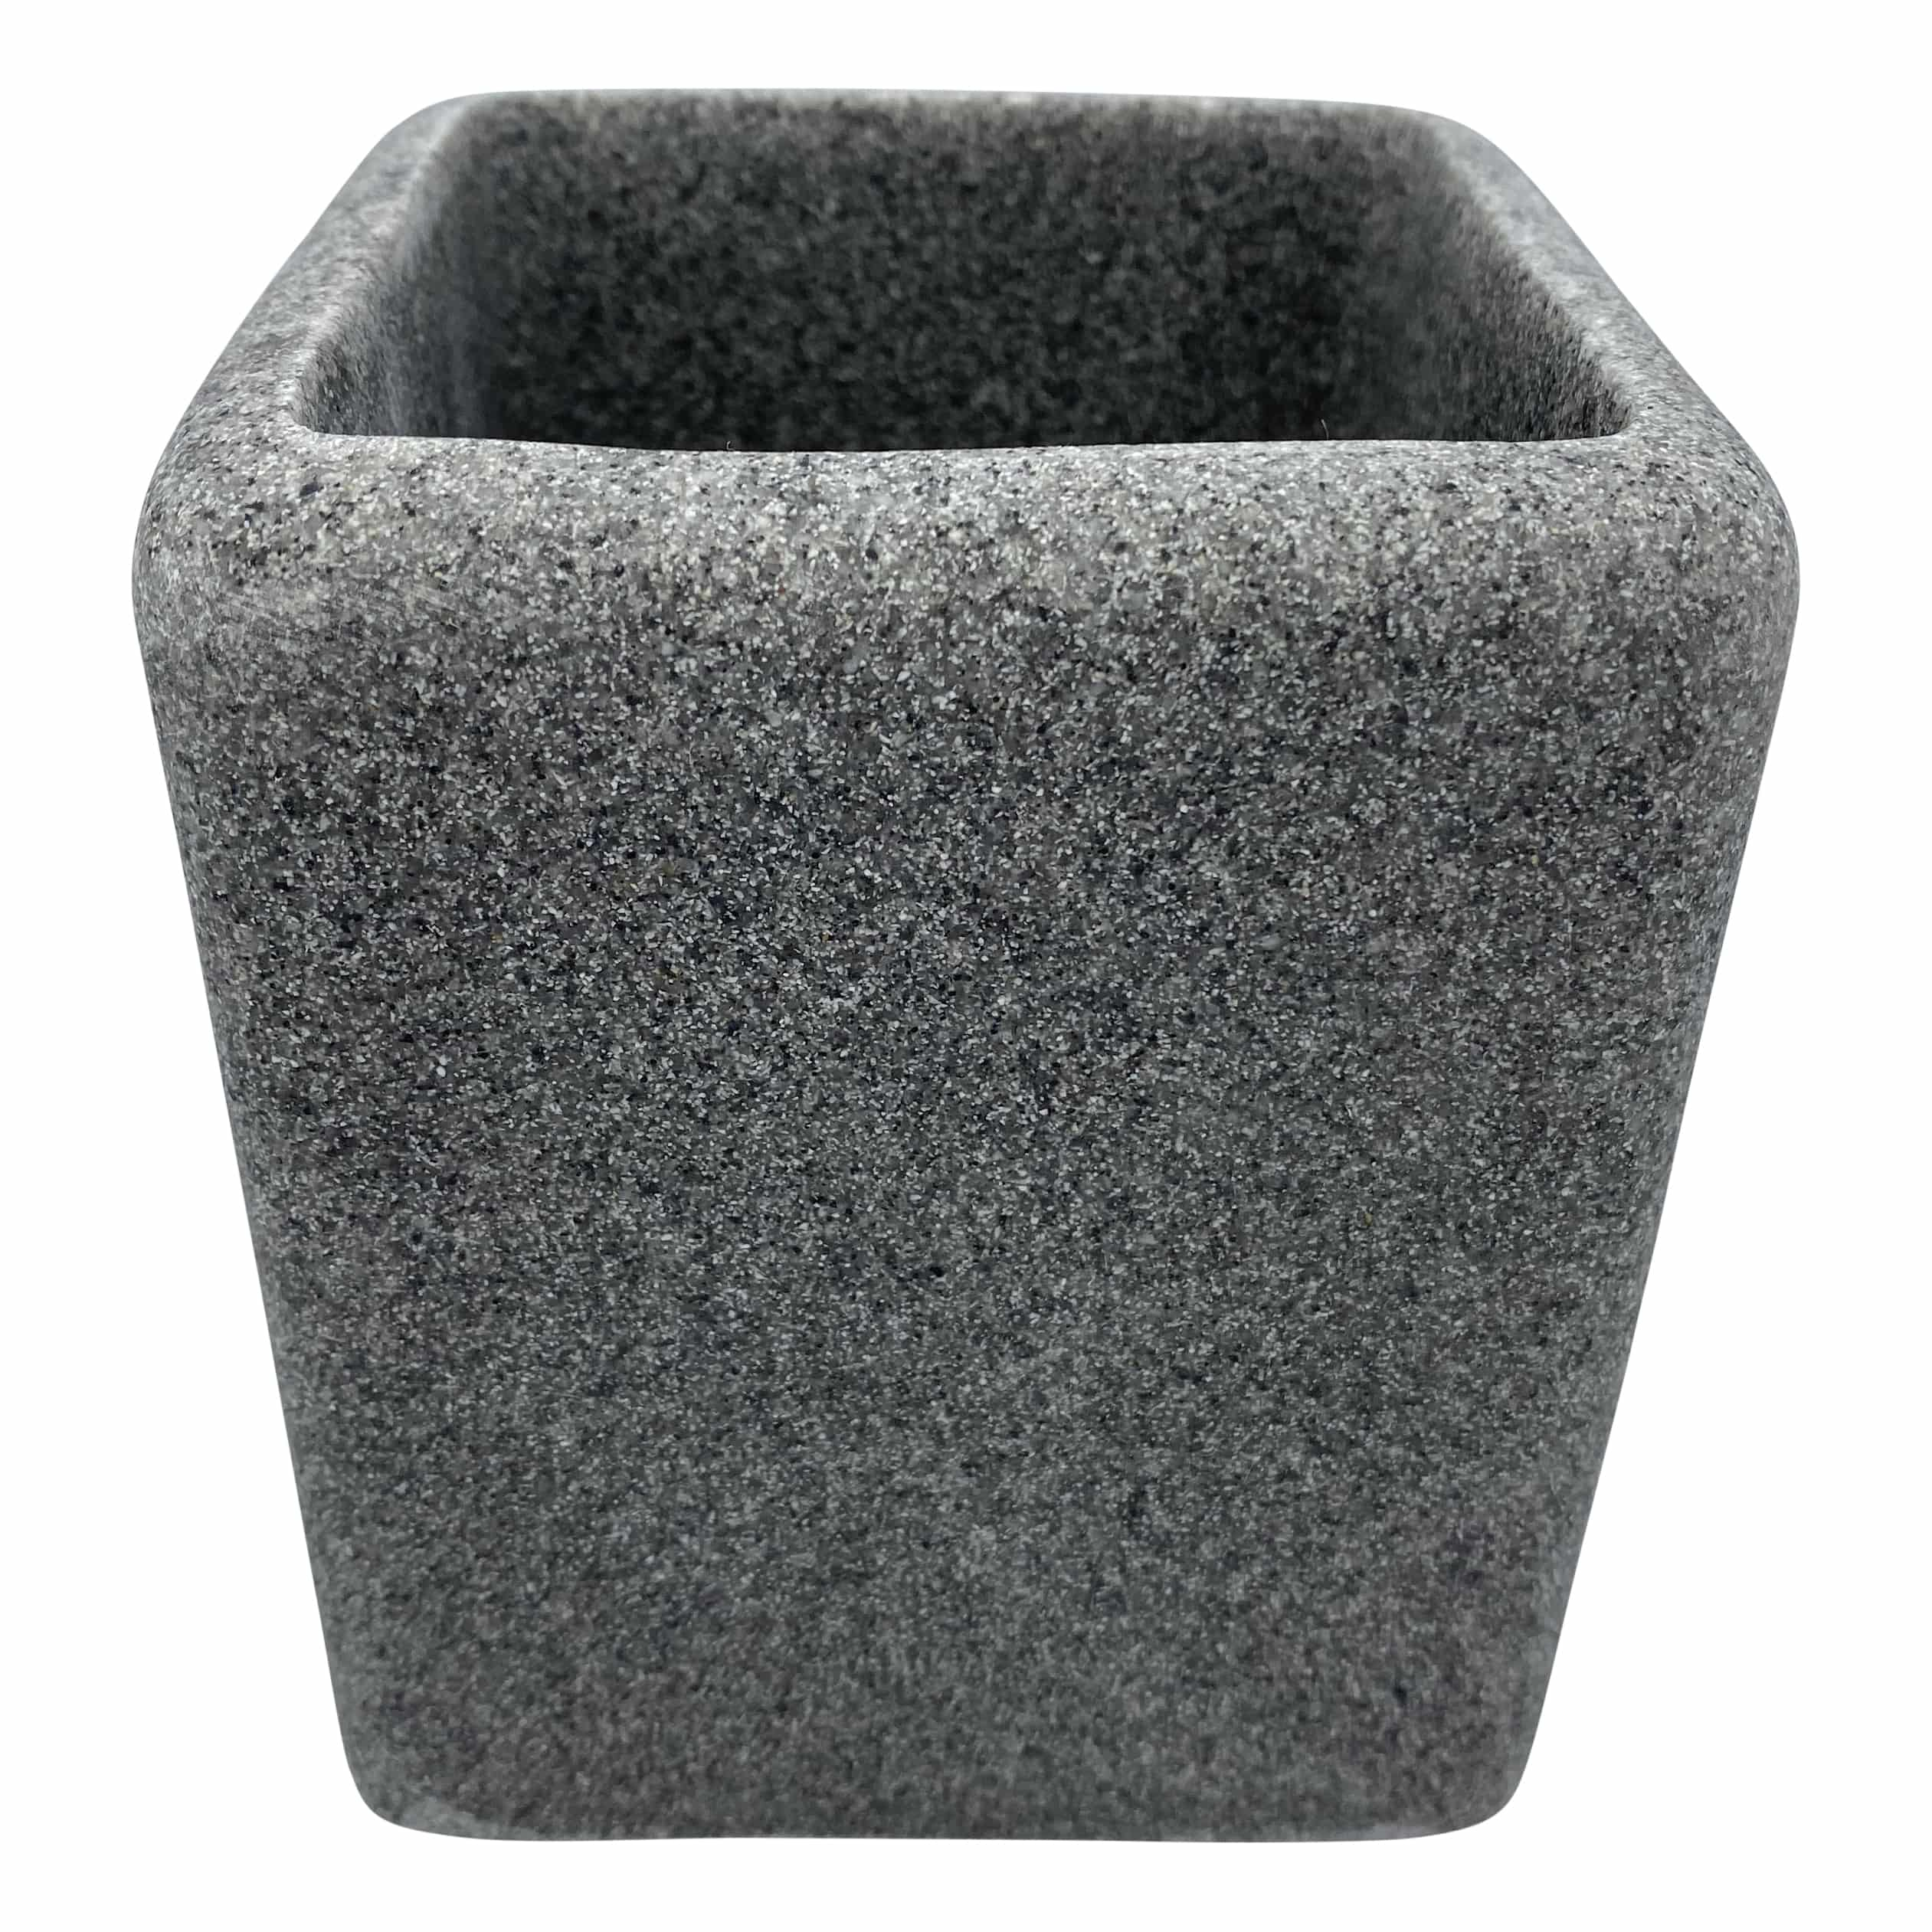 4Goodz Basalt Toiletborstel van polybeton - donkergrijs